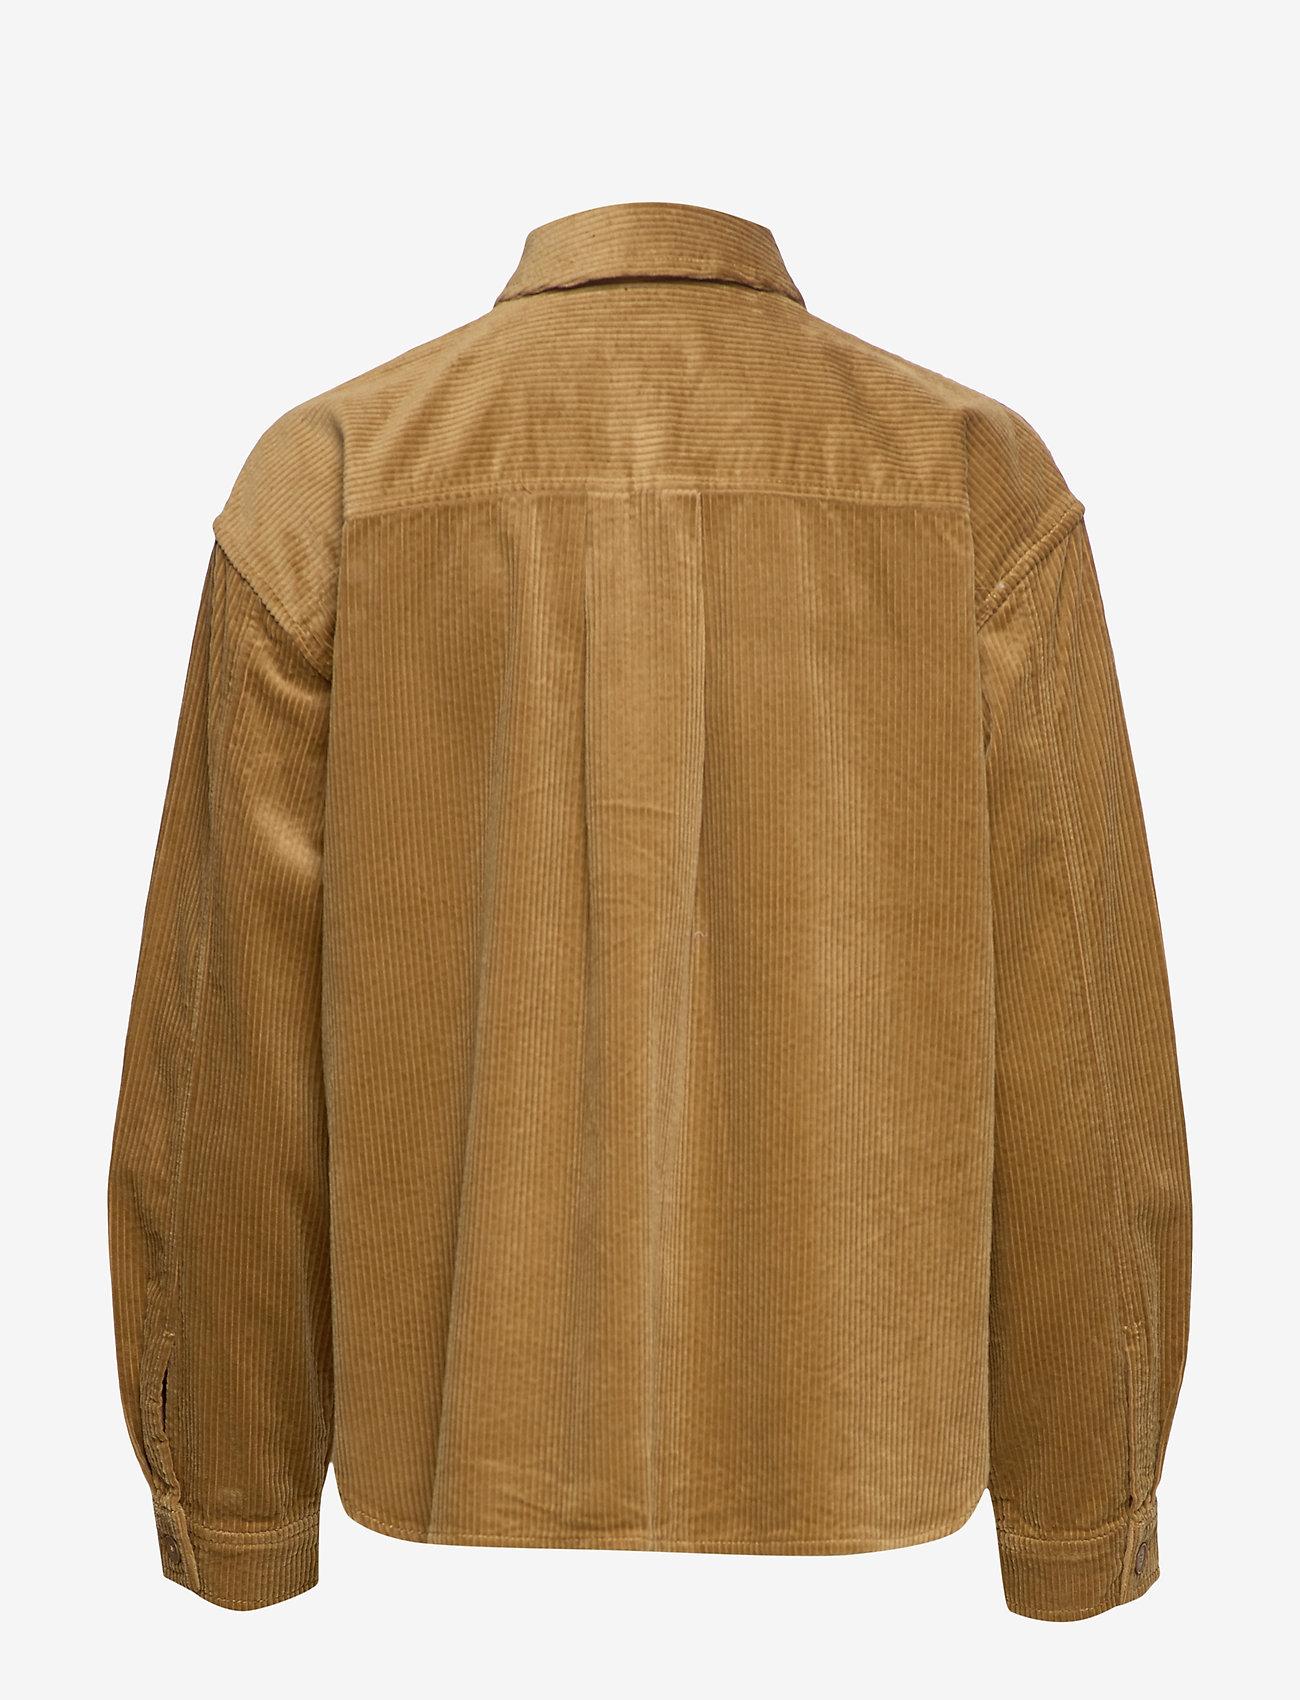 Overkommelige Kvinder Tøj.Kelly Overshirt 11153 Khaki 480 Samsøe Samsøe Bzhwng